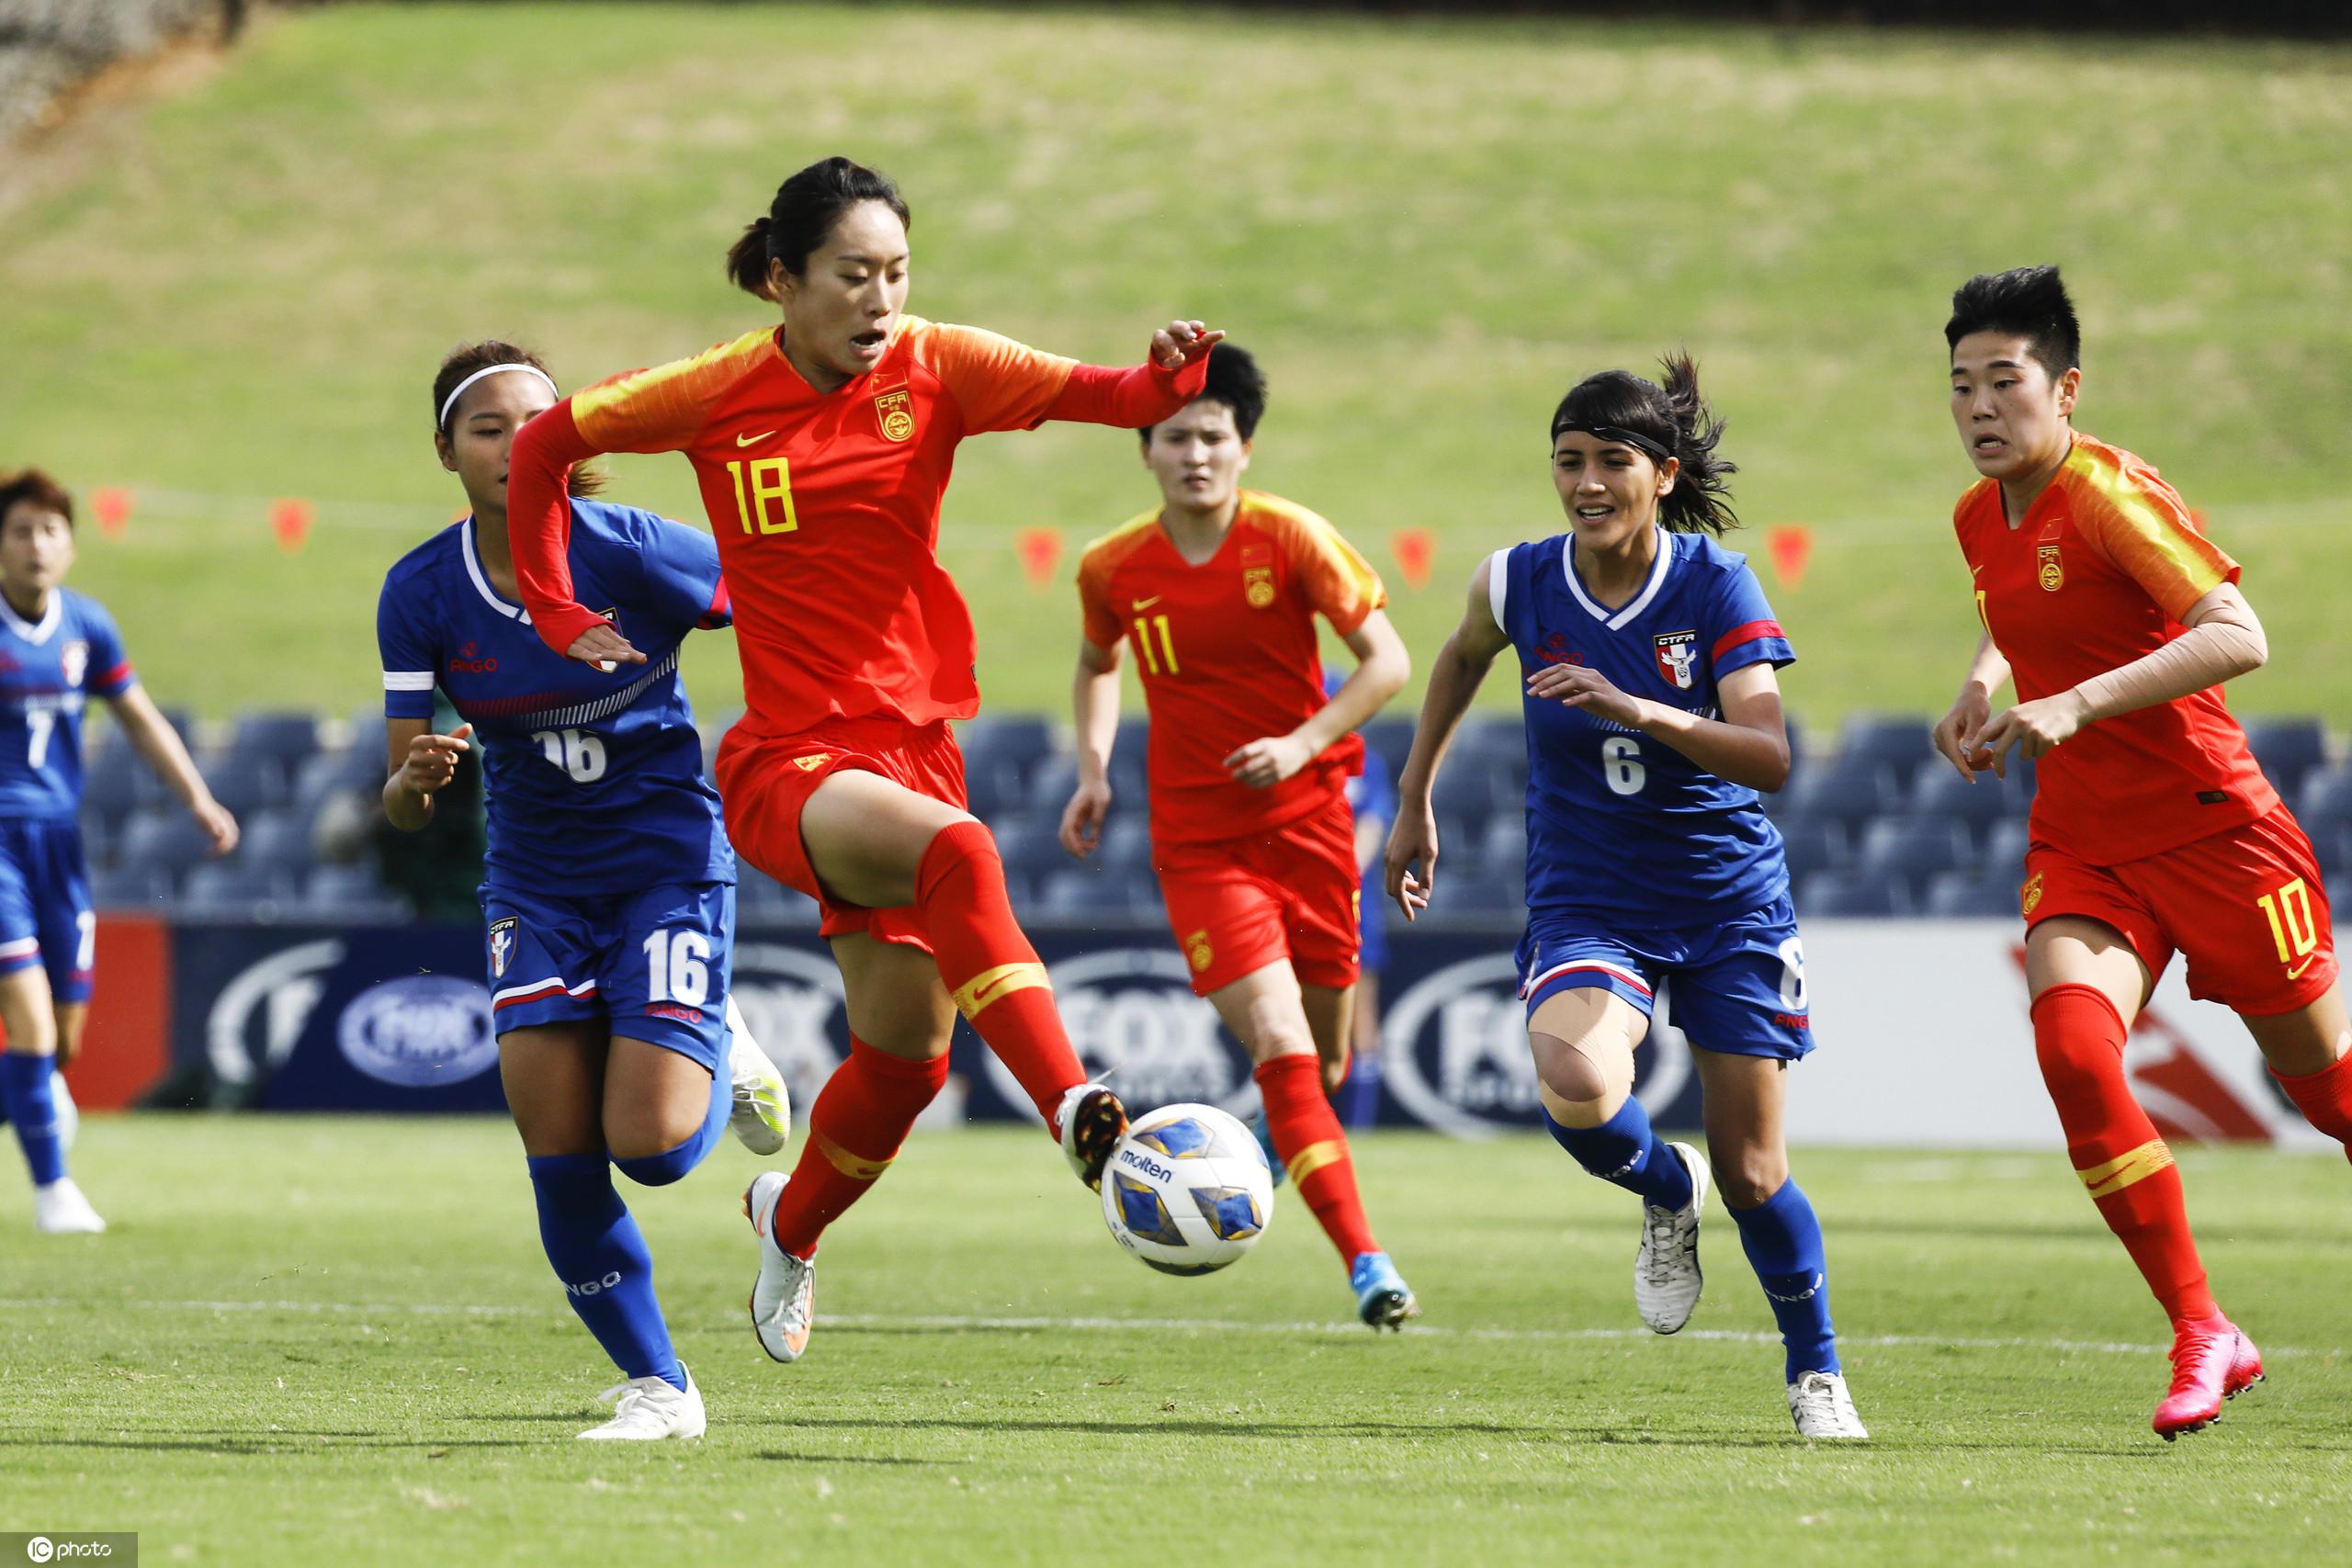 奥预赛:王珊珊双响,女足5-0胜中国台北提前出线